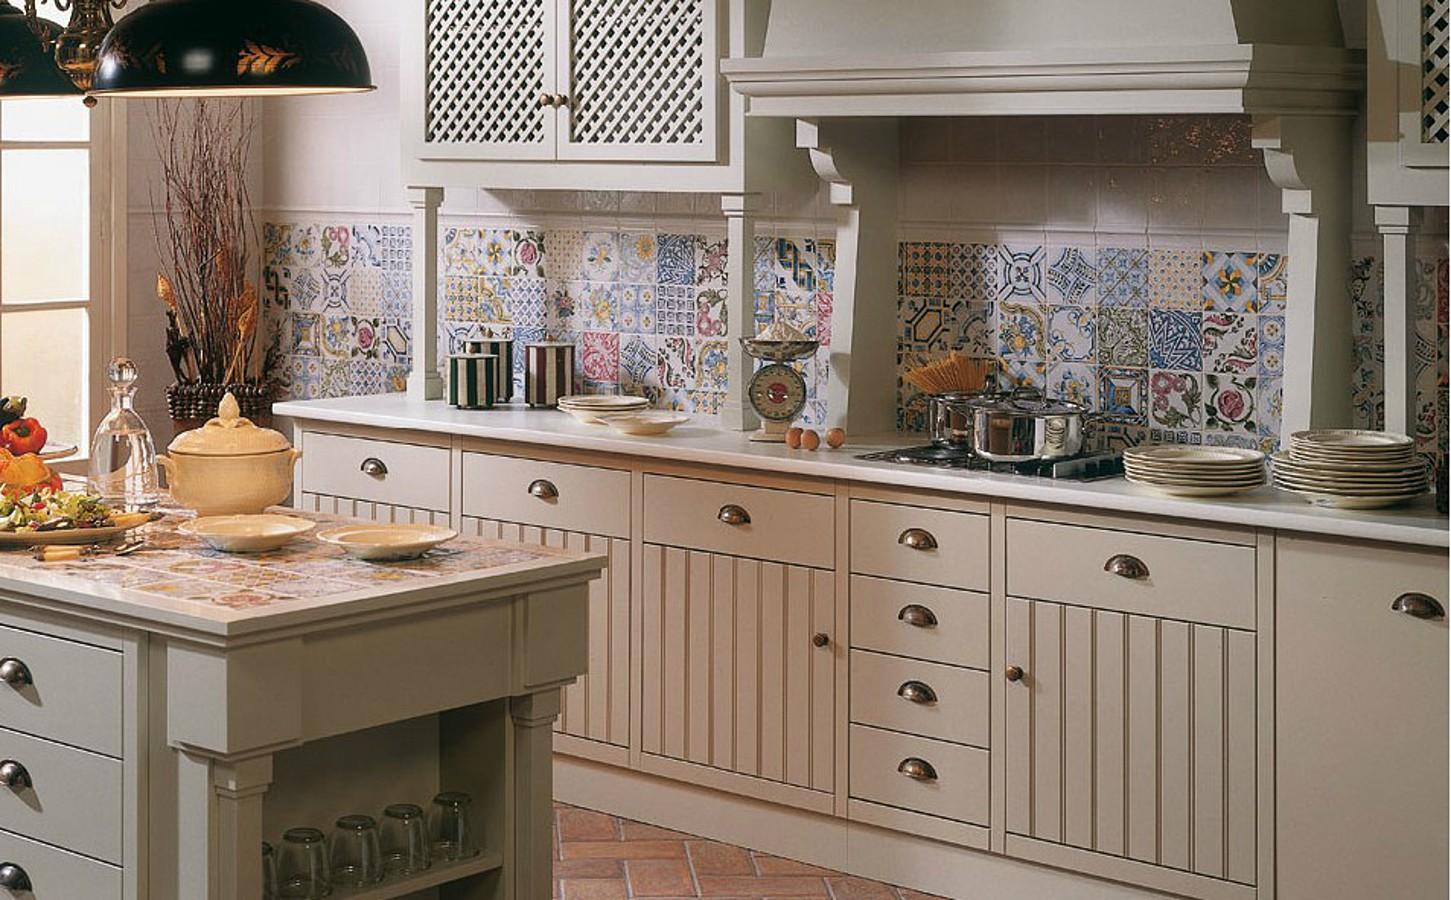 Piastrelle spagnole per cucina: piastrelle in ceramica della ...